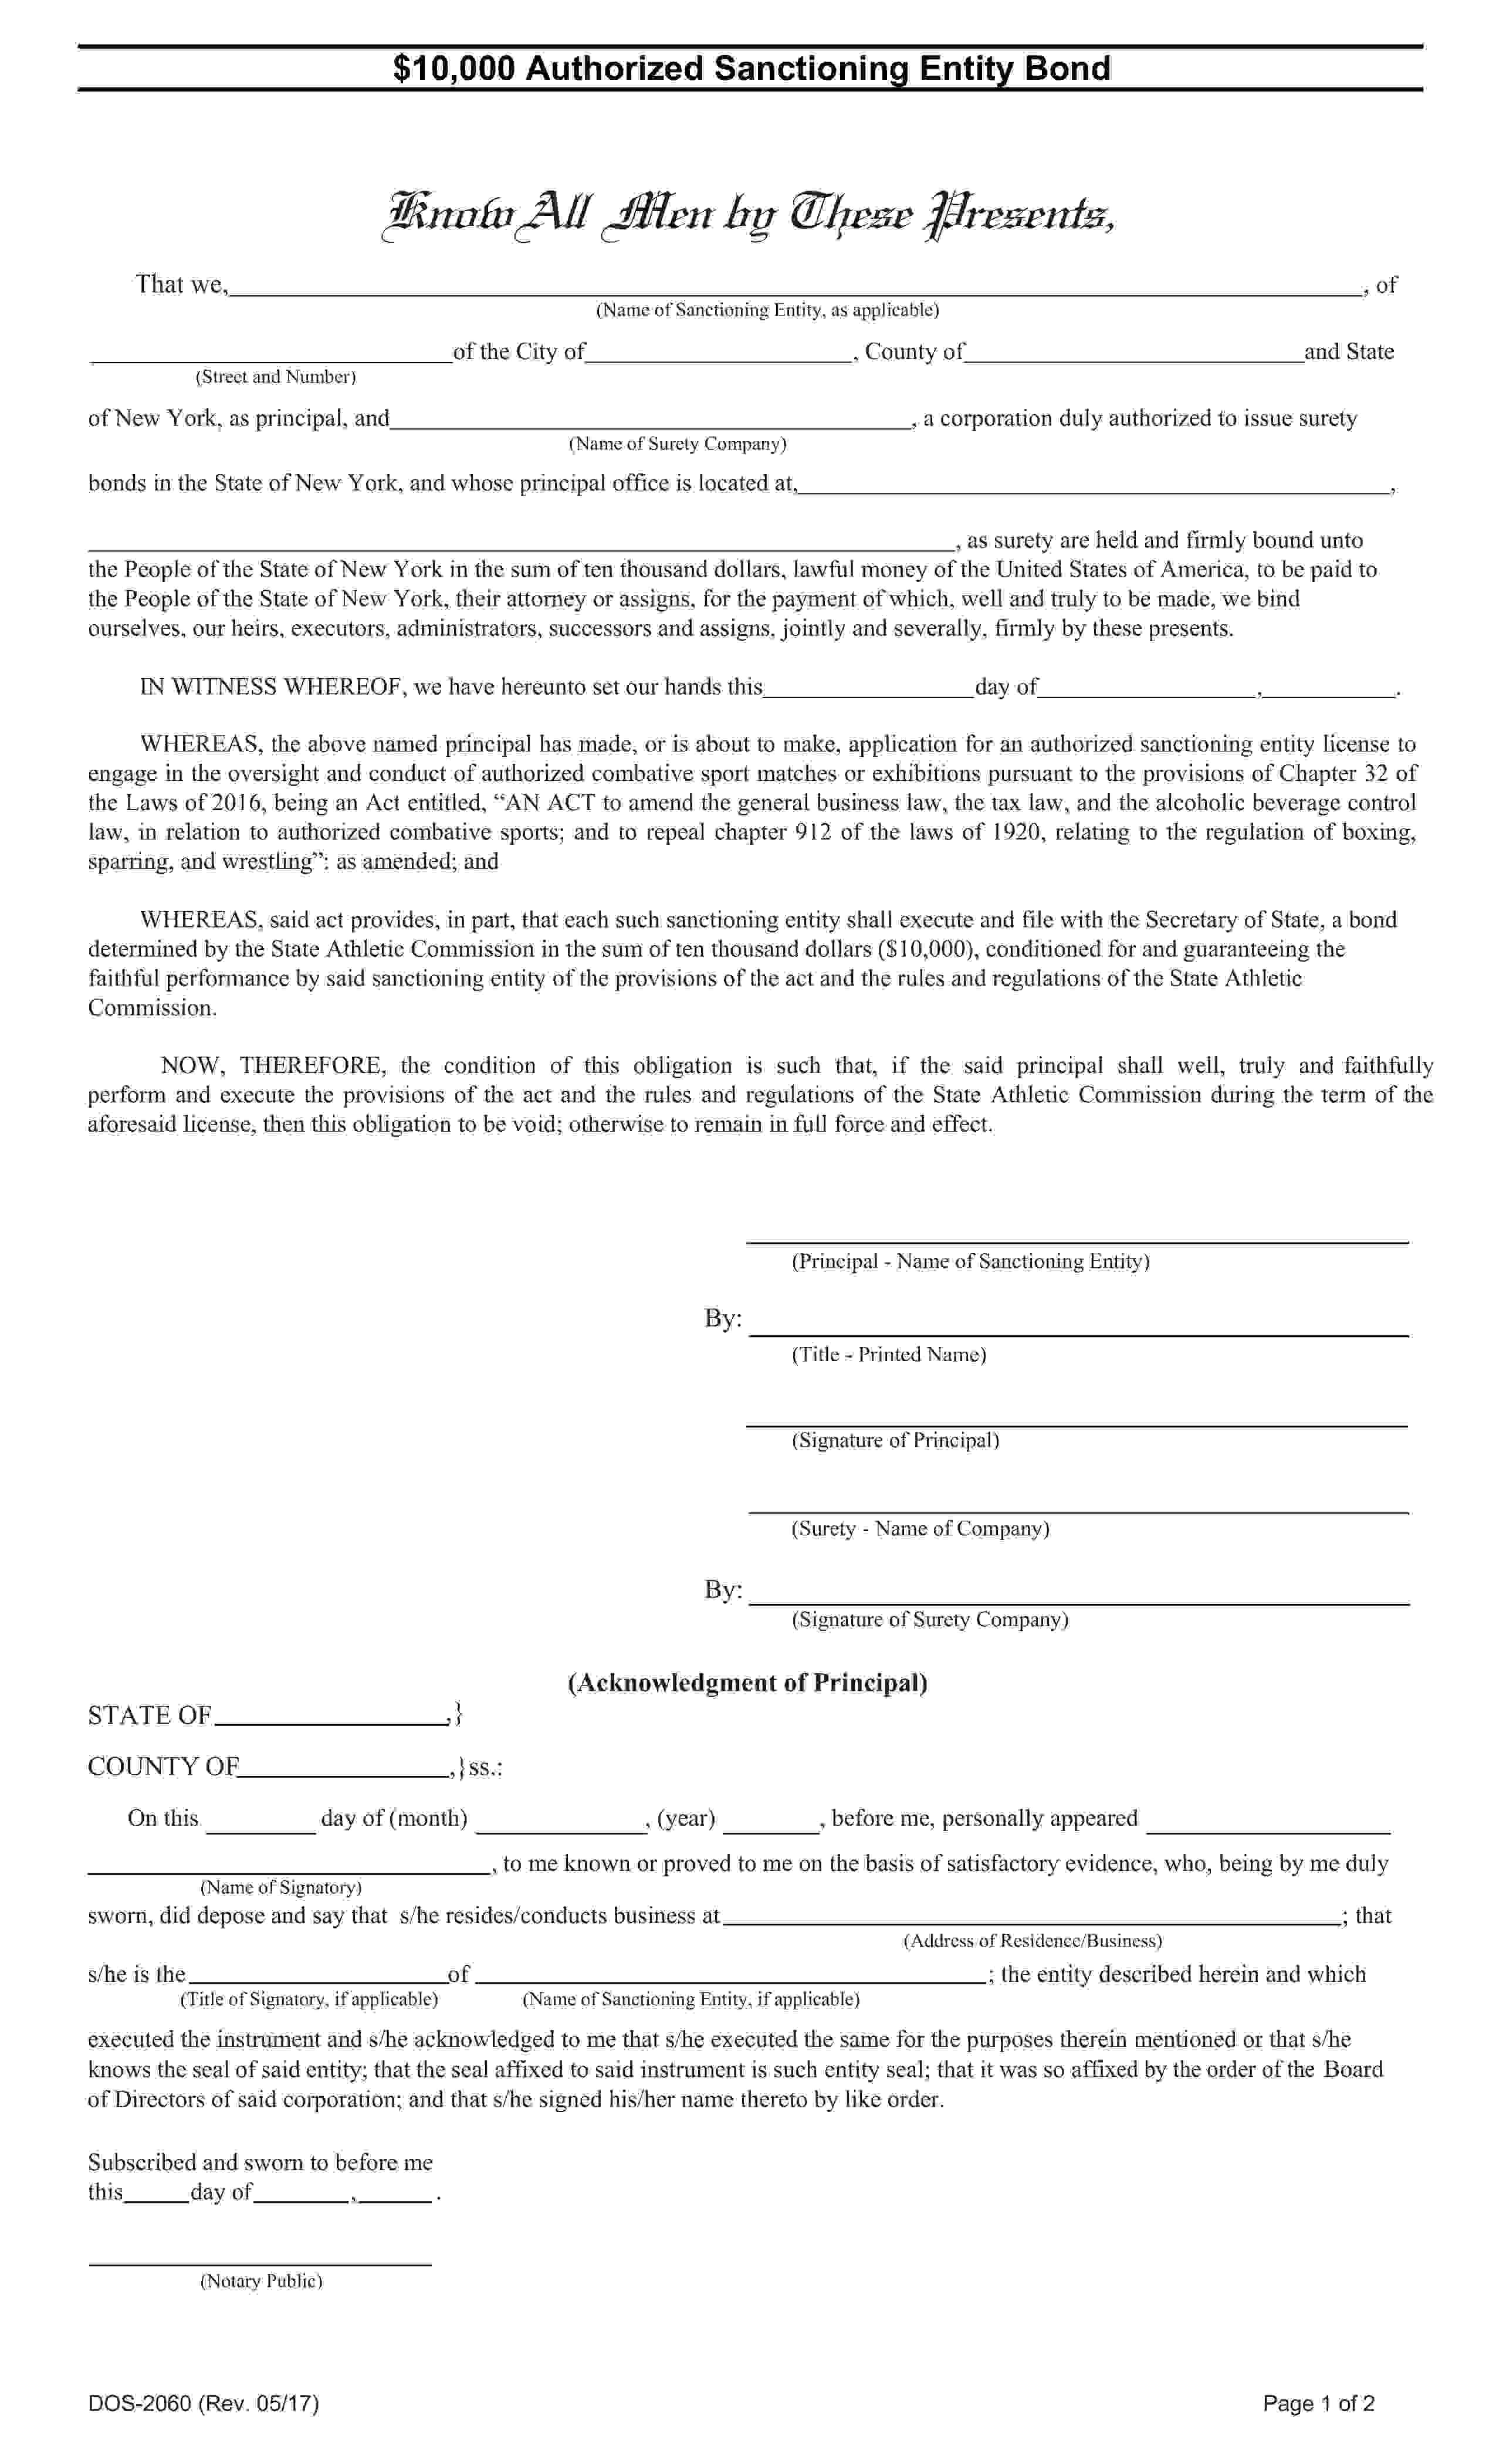 NY State Athletic Commission Authorized Sanctioning Entity Bond sample image